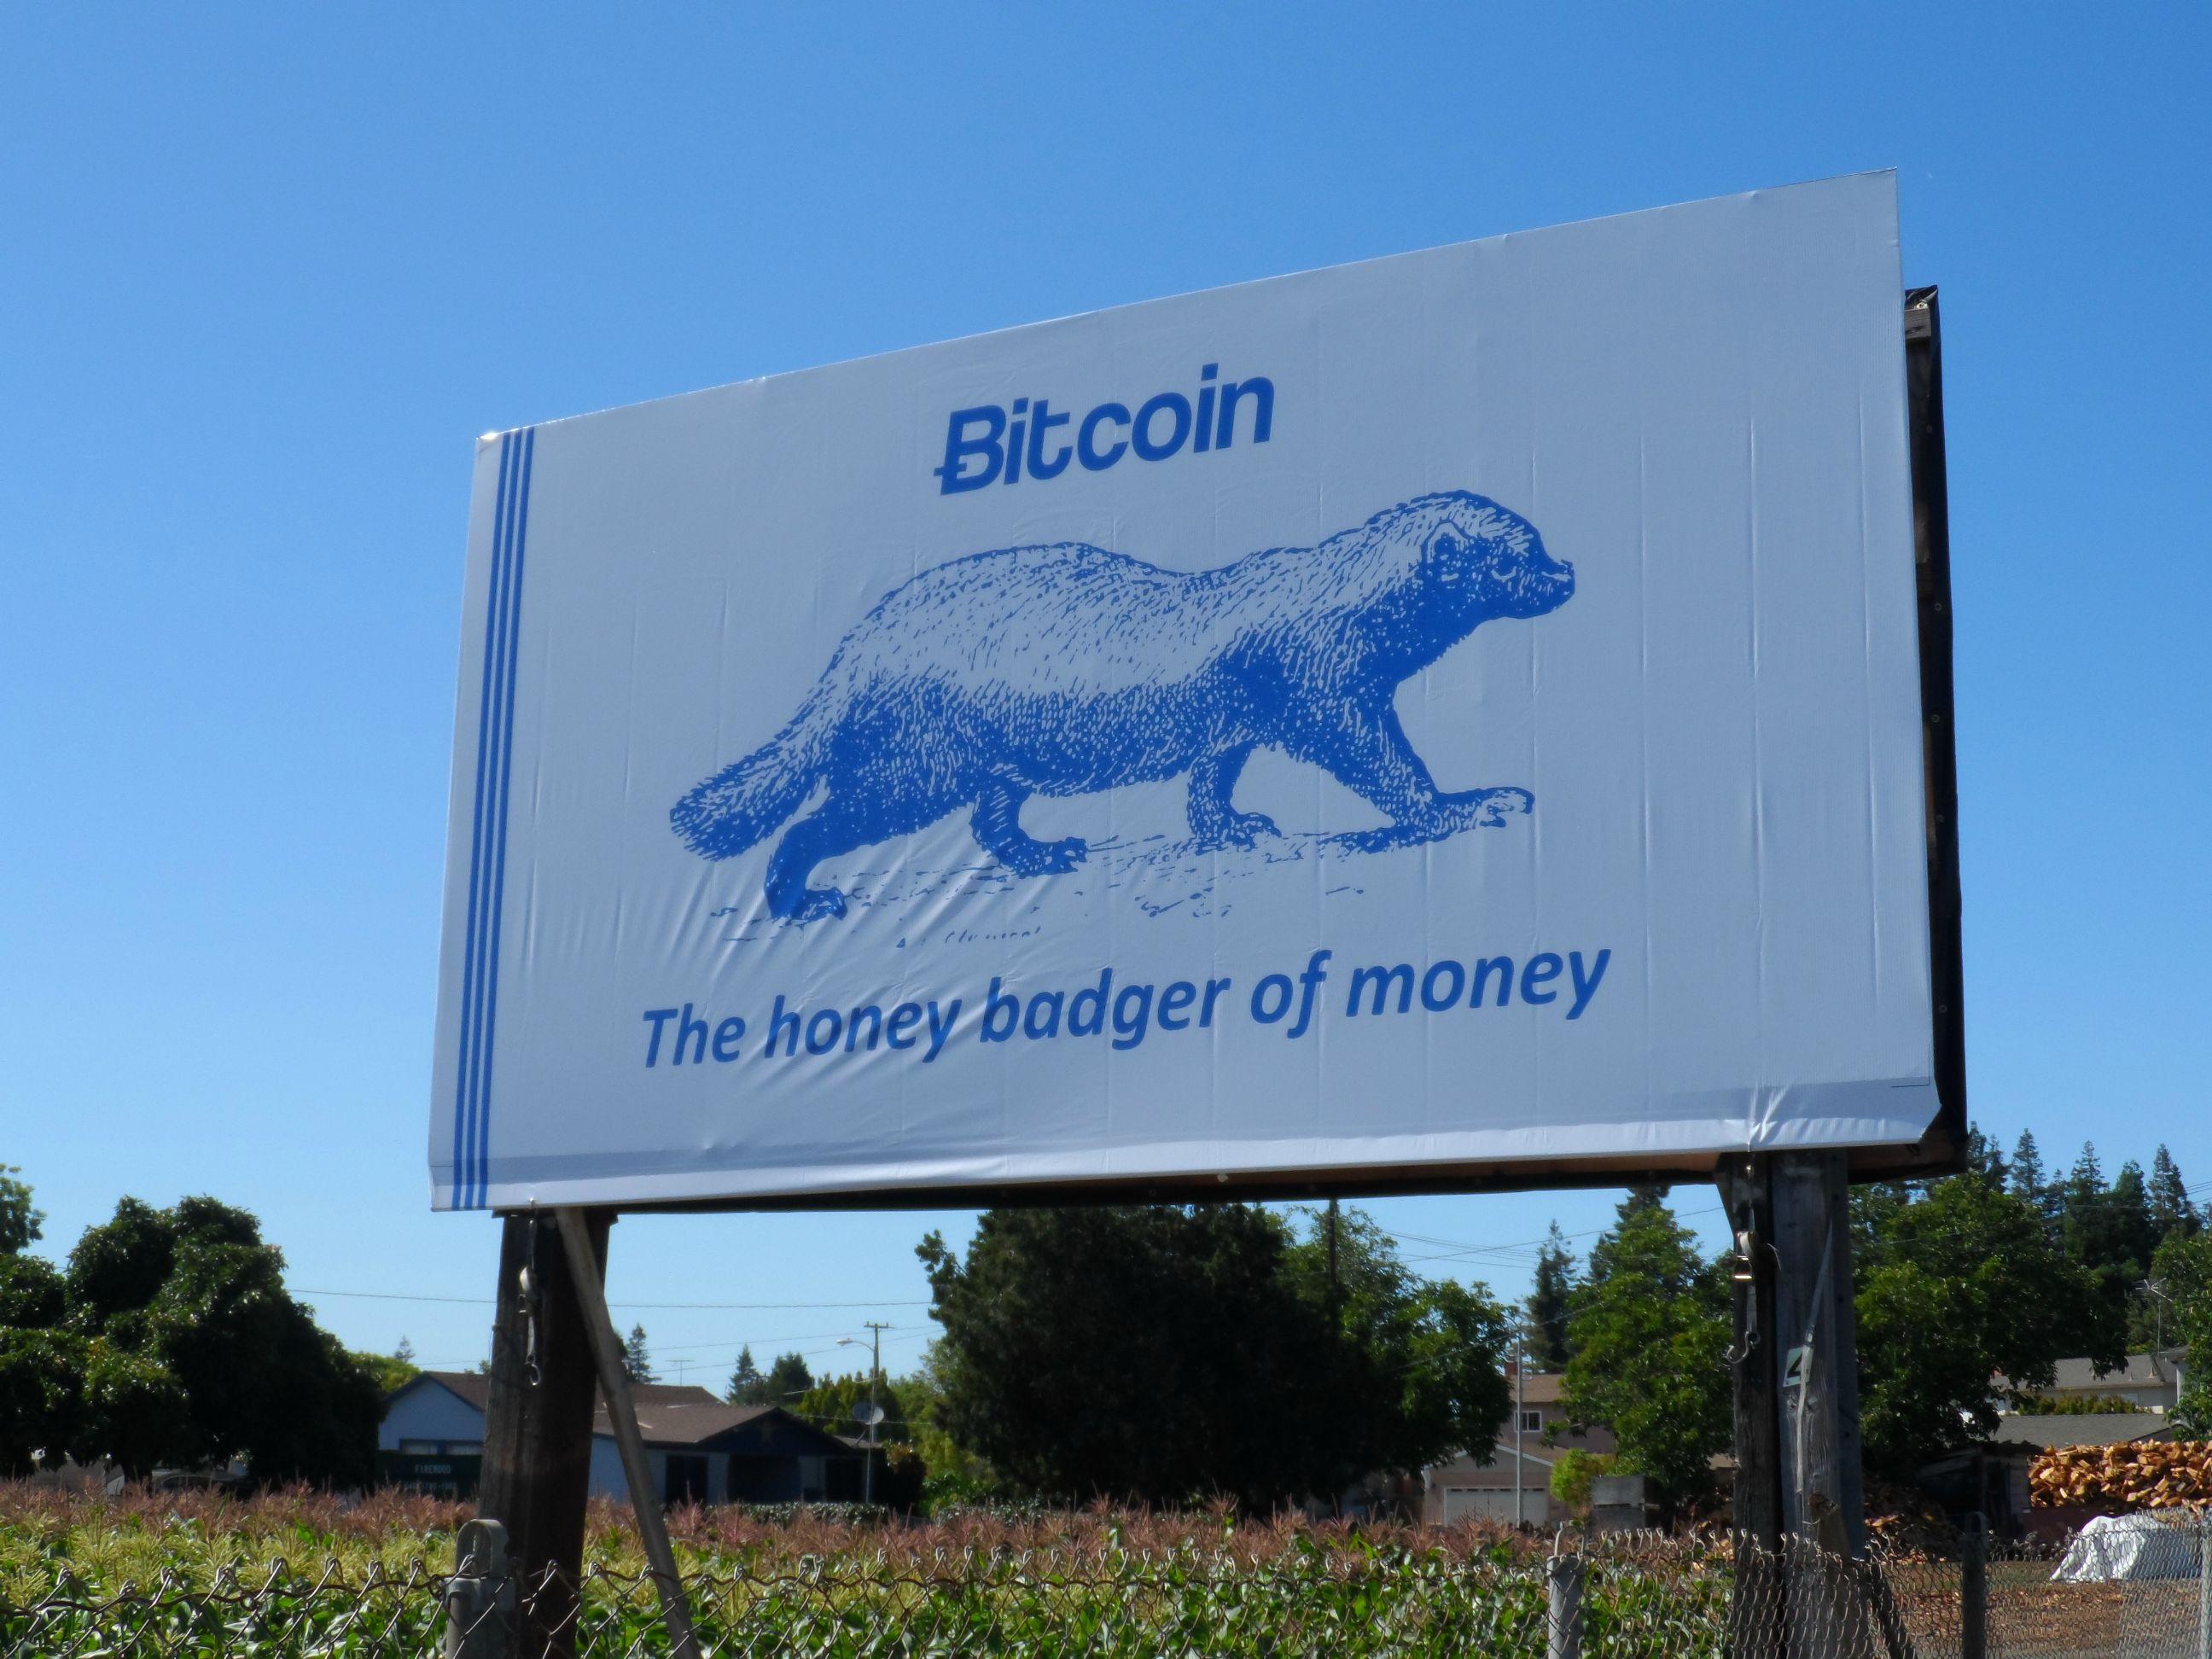 The Honey Badger of Money mod